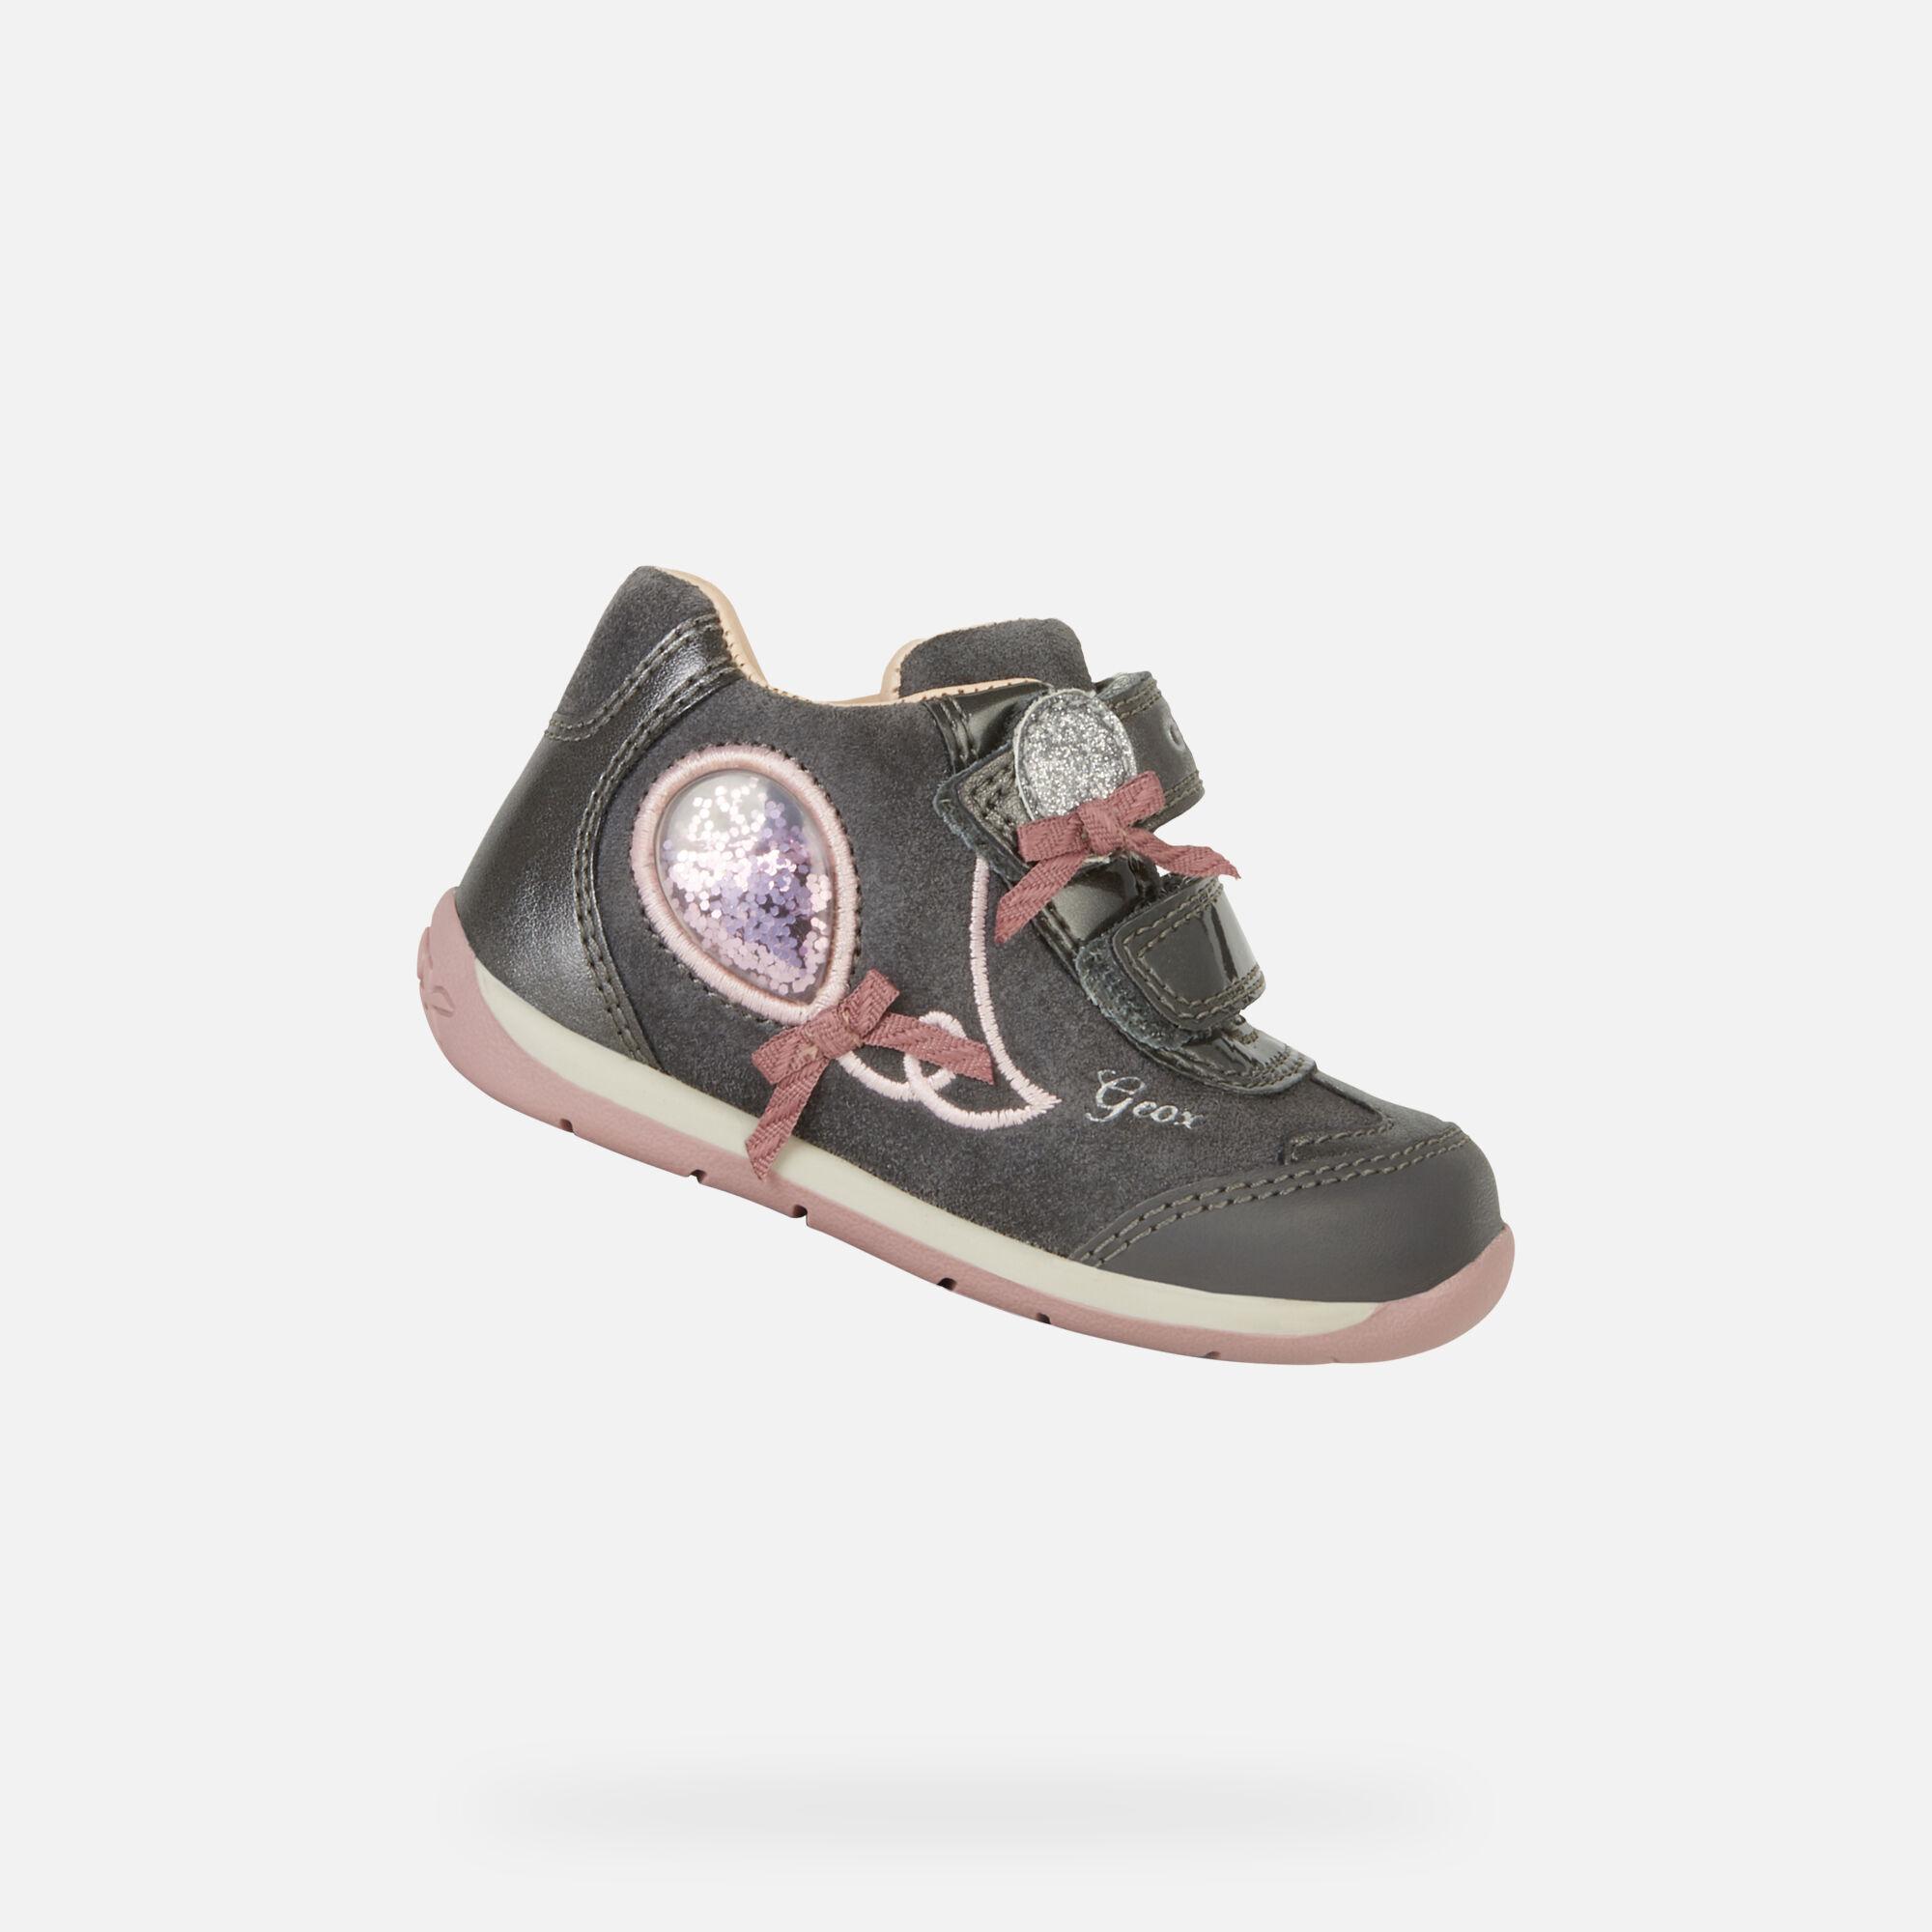 scarpe Geox bimba 19